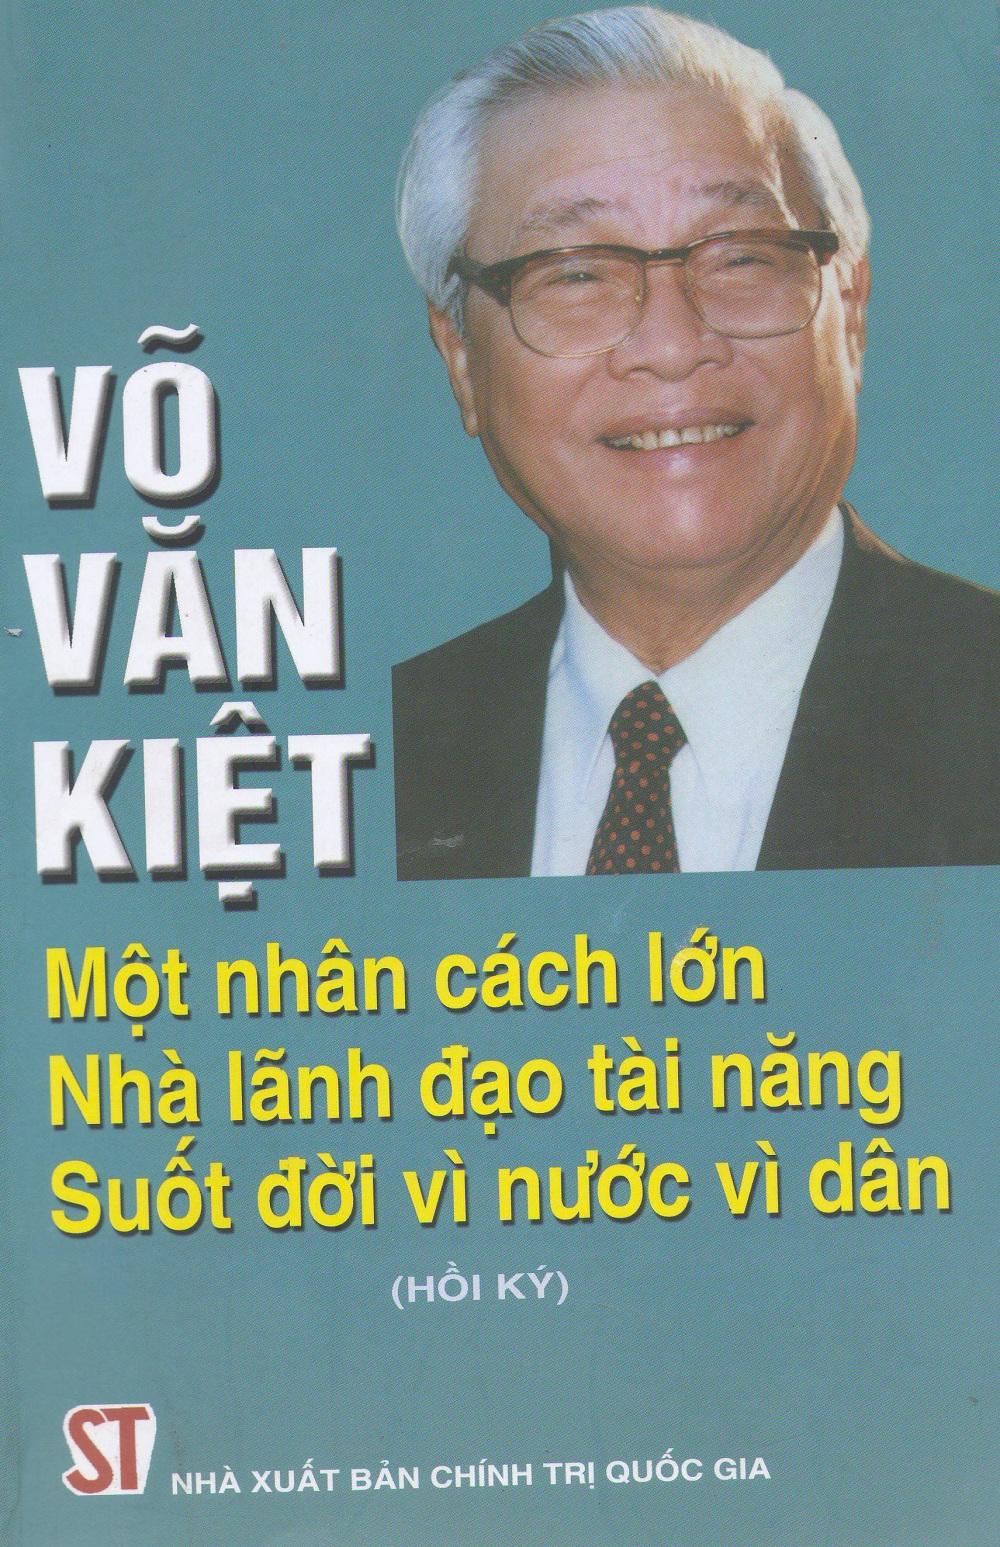 Võ Văn Kiệt - Một Nhân Cách Lớn Nhà Lãnh Đạo Tài Năng Suốt Đời Vì Nước Vì Dân (Hồi Ký)